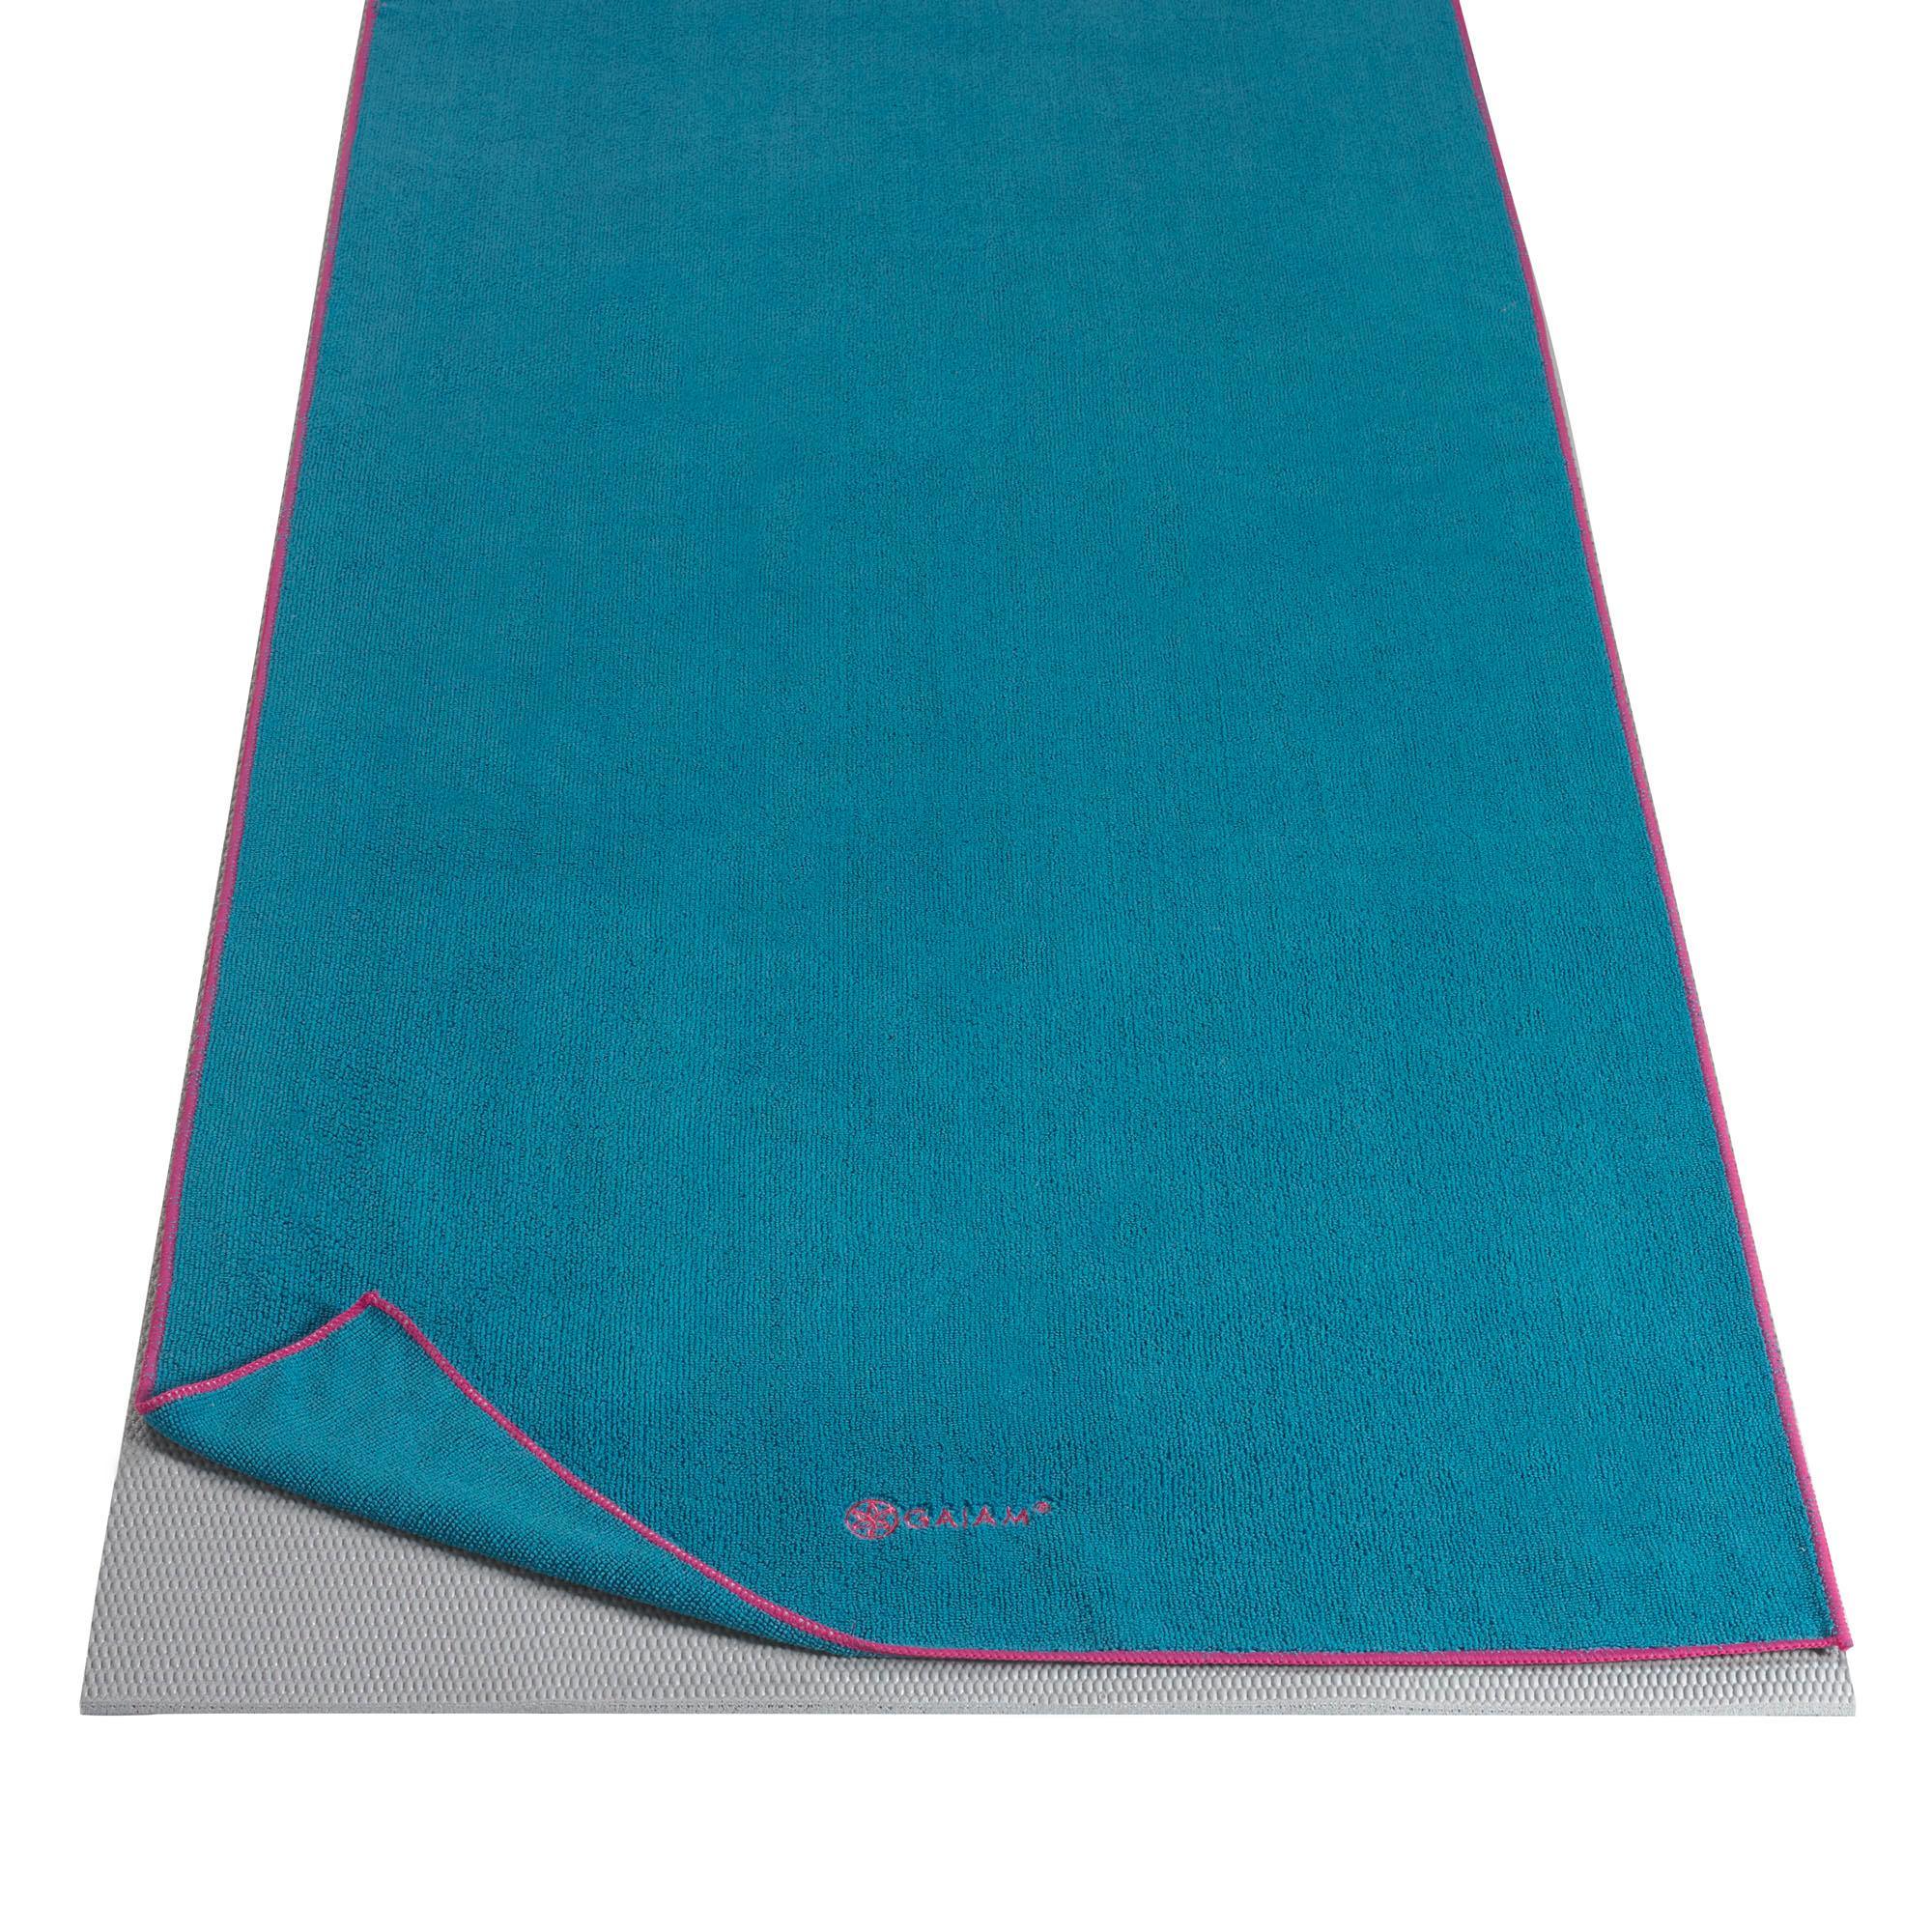 grip mat your towel perfect ashtanga youphoria improve to itm microfiber bikram yoga mats hot for